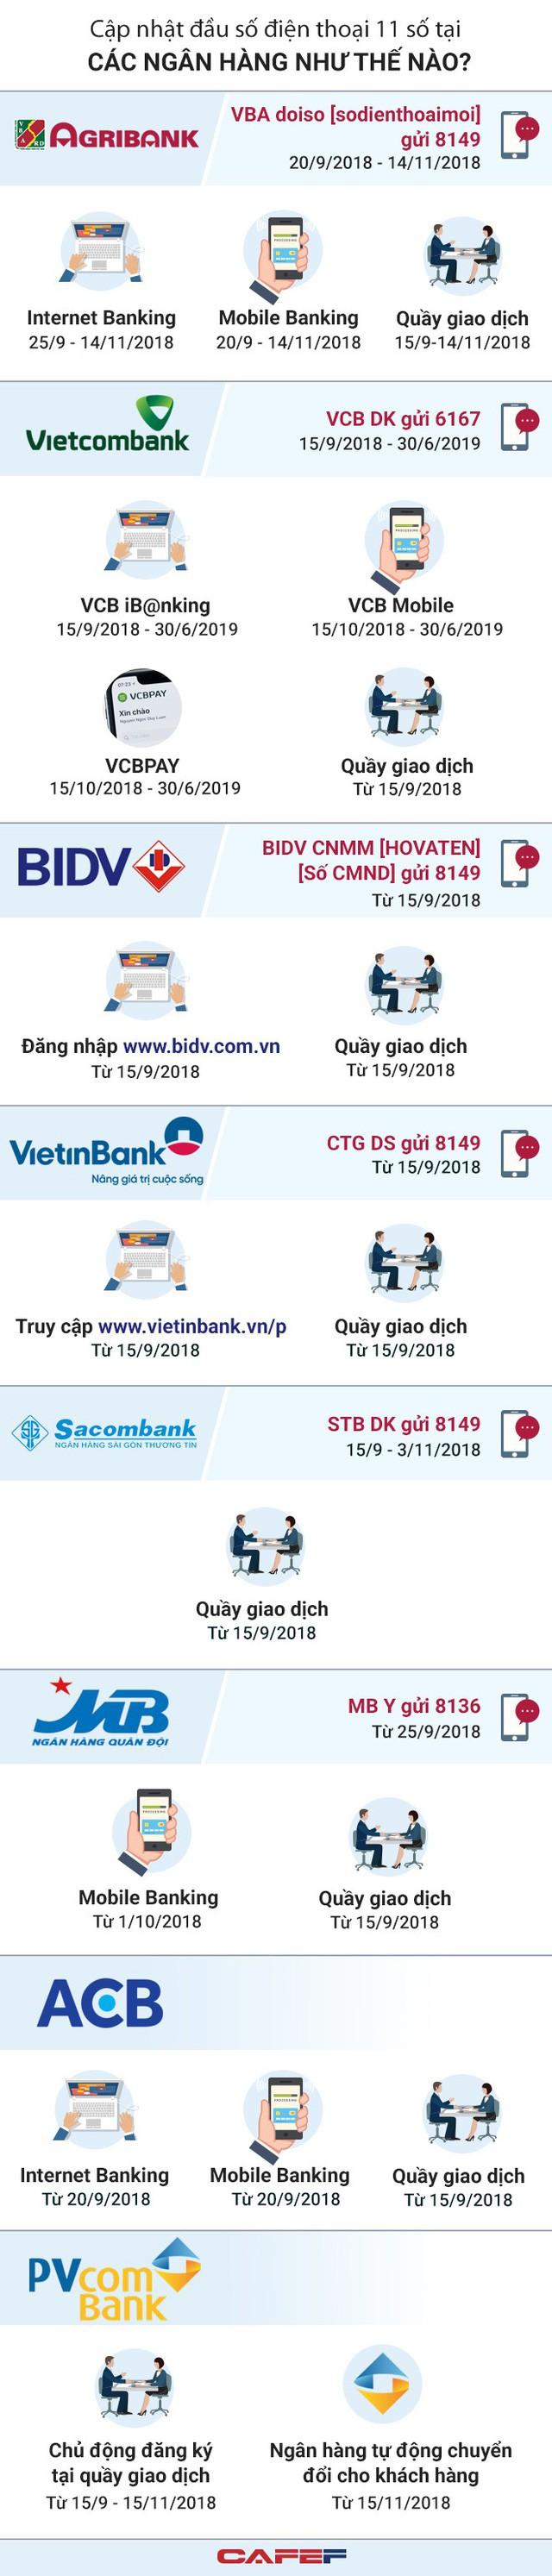 [Infographic] Cập nhật đầu số tel ở 1 số ngân hàng như thế nào? - Ảnh 1.